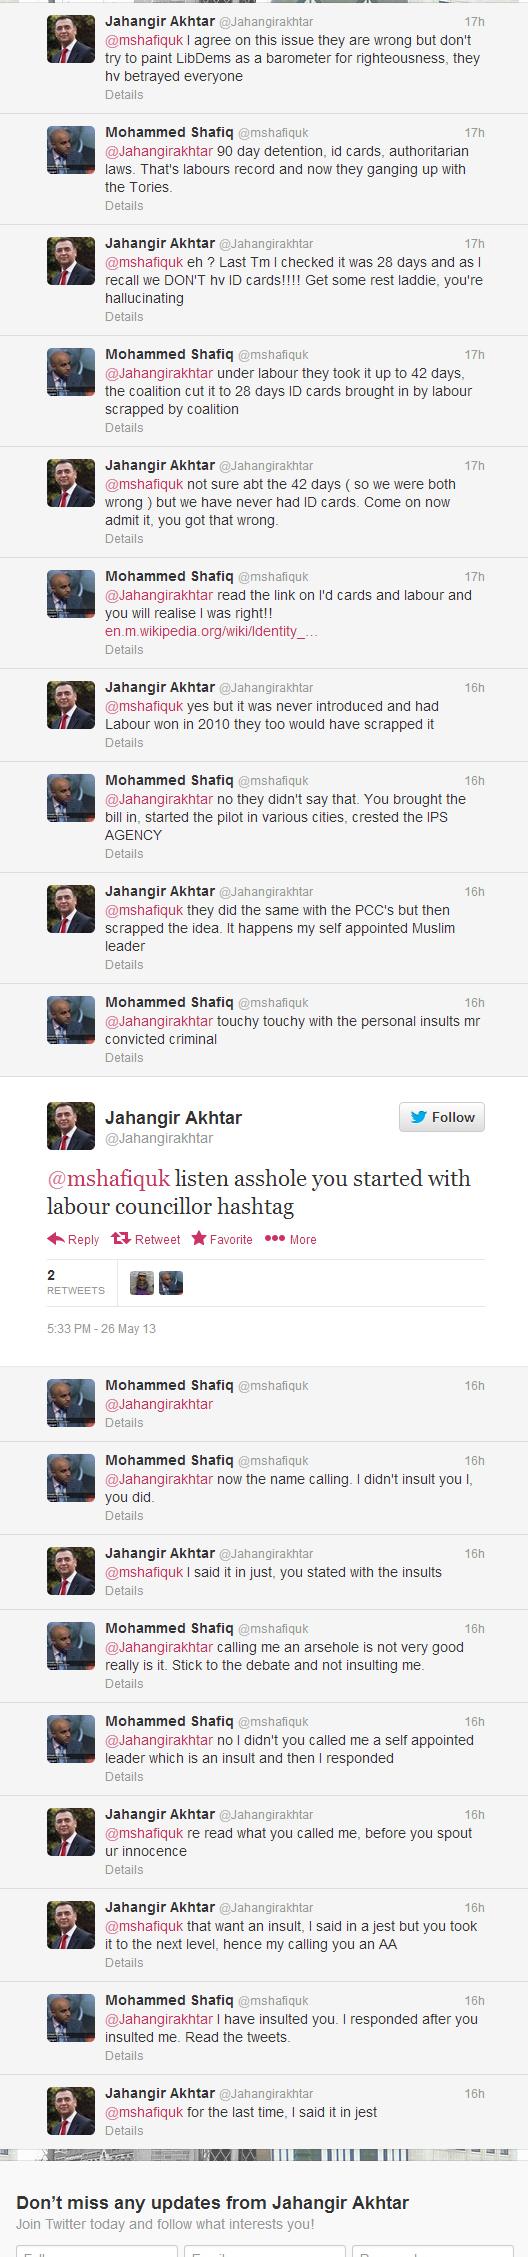 Twitter - Jahangirakhtar- @mshafiquk listen asshole you ...